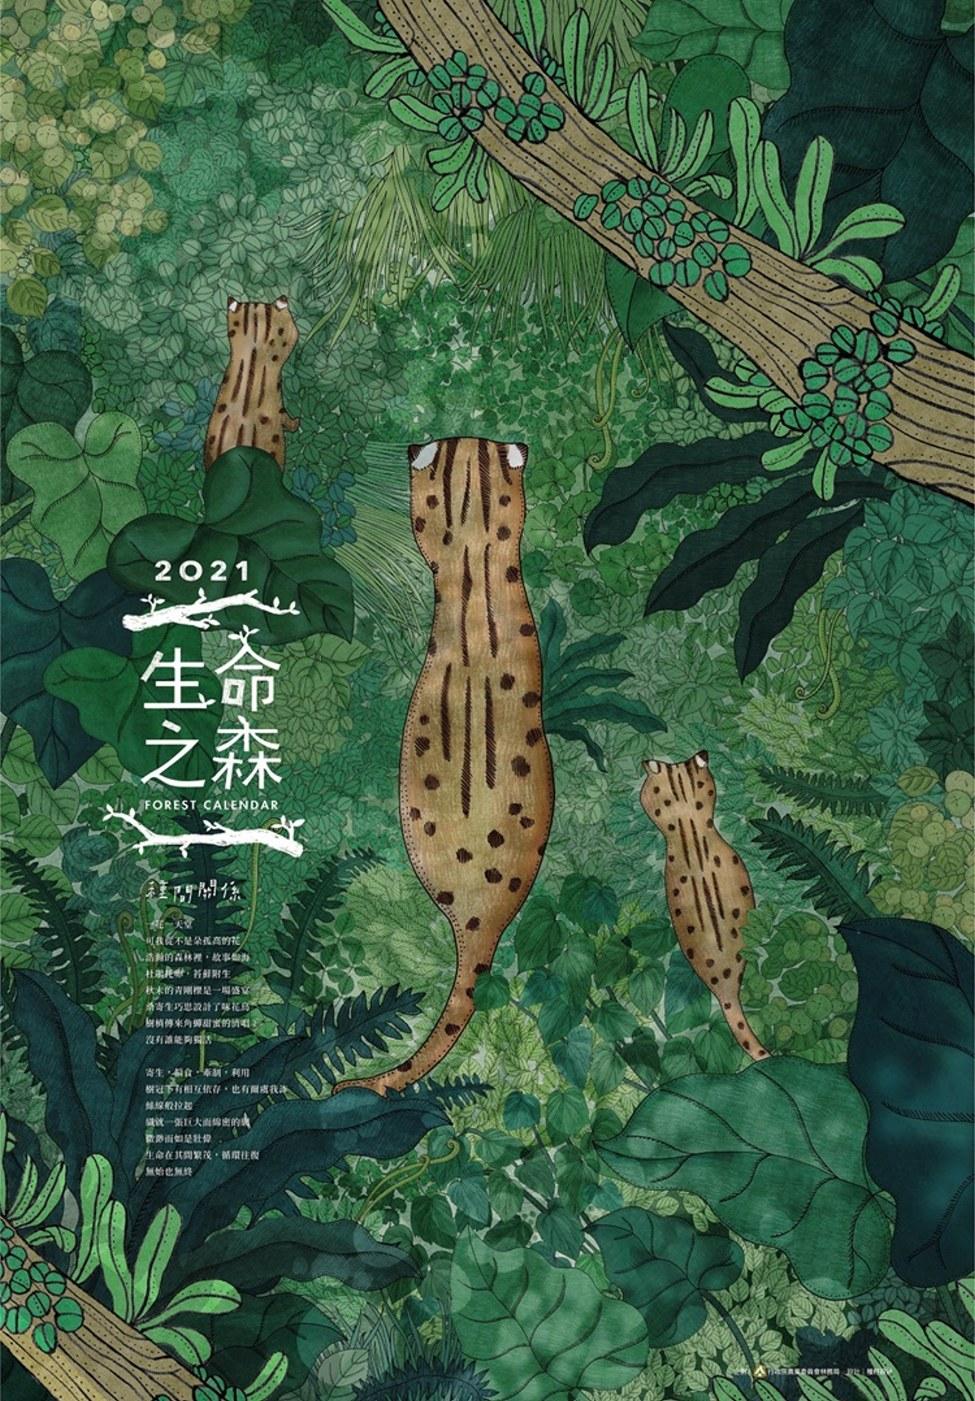 林務局2021「生命之森 - 種間關係」月曆